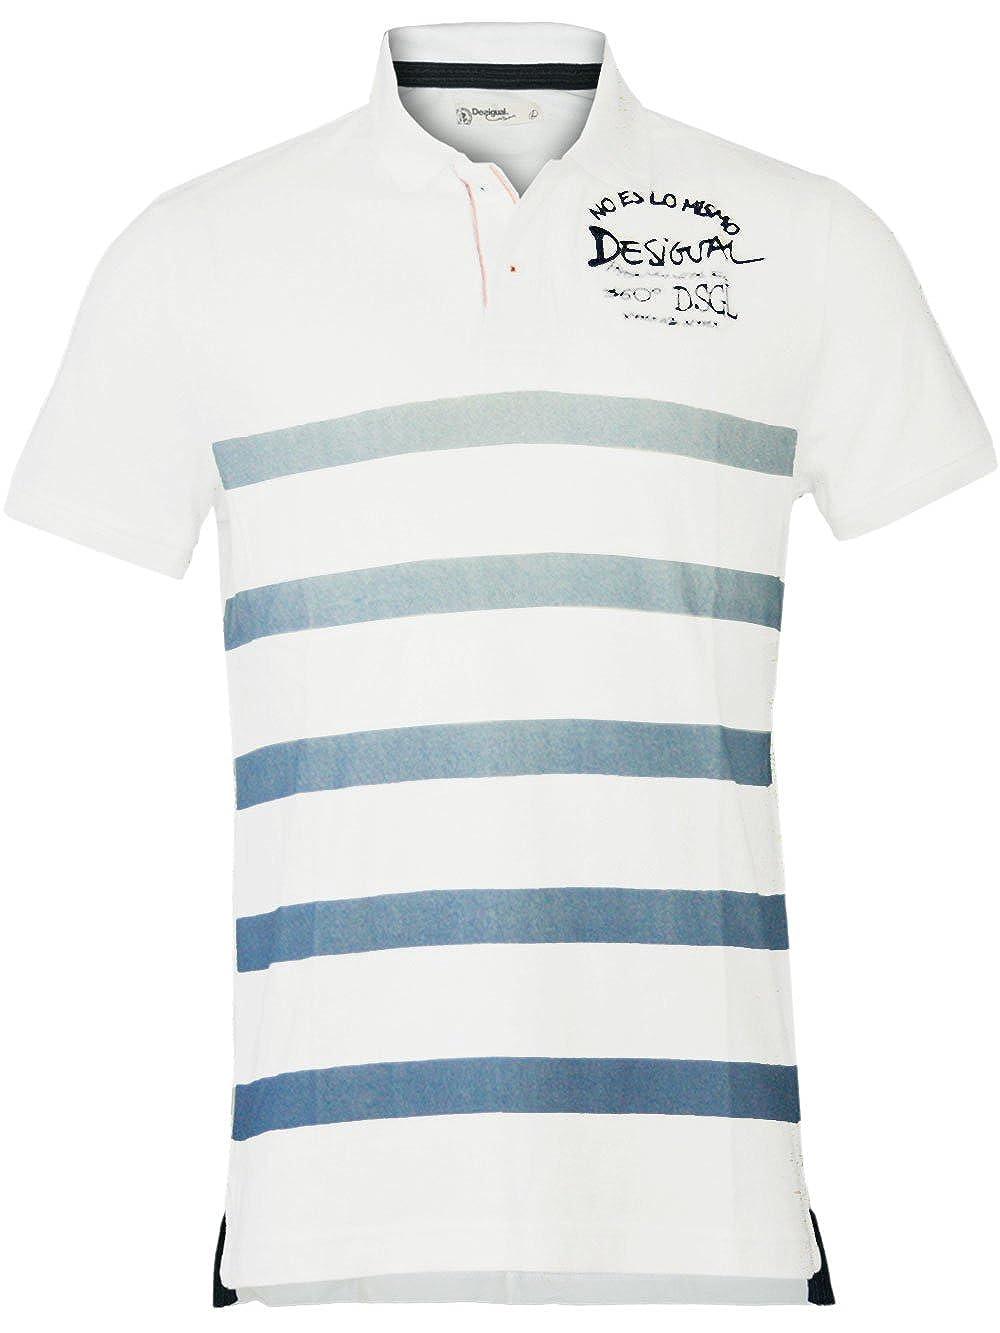 DESIGUAL Hombre Diseñador Top Polo Shirt Camisetas - MAYFLOWER ...